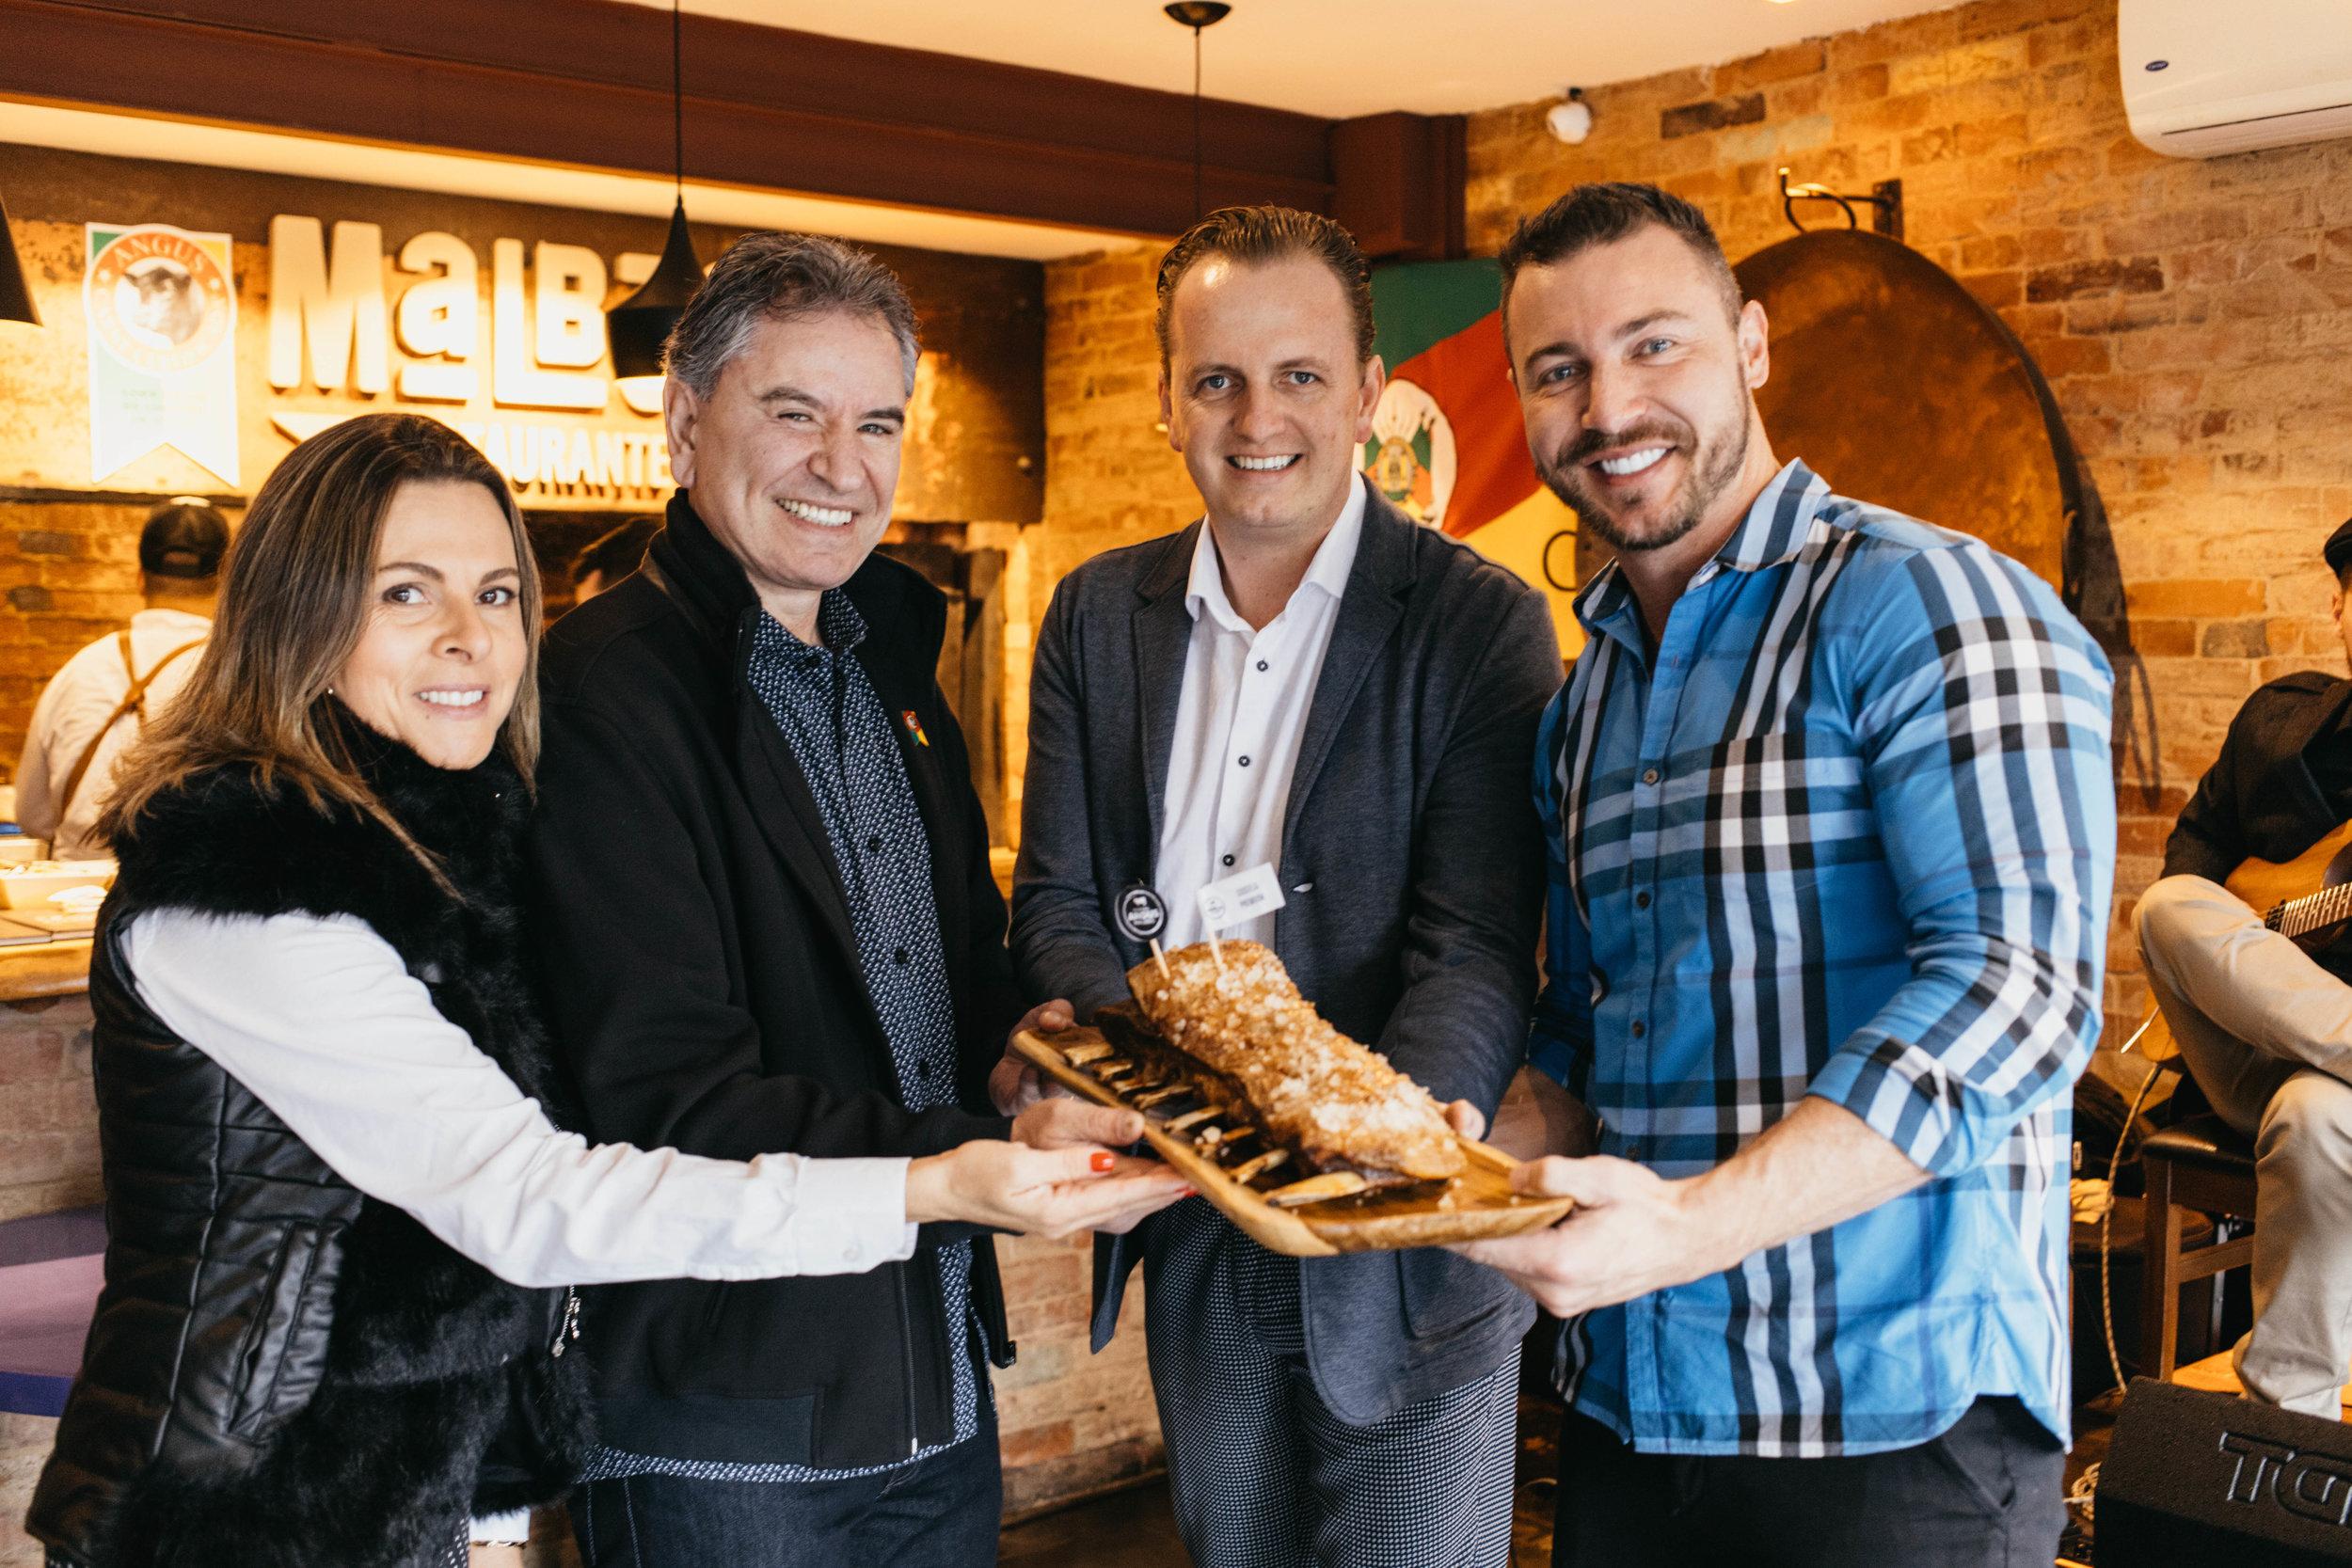 Representantes da Associação Brasileira de Angus, Restaurante Malbec e Frigorífico Zimmer